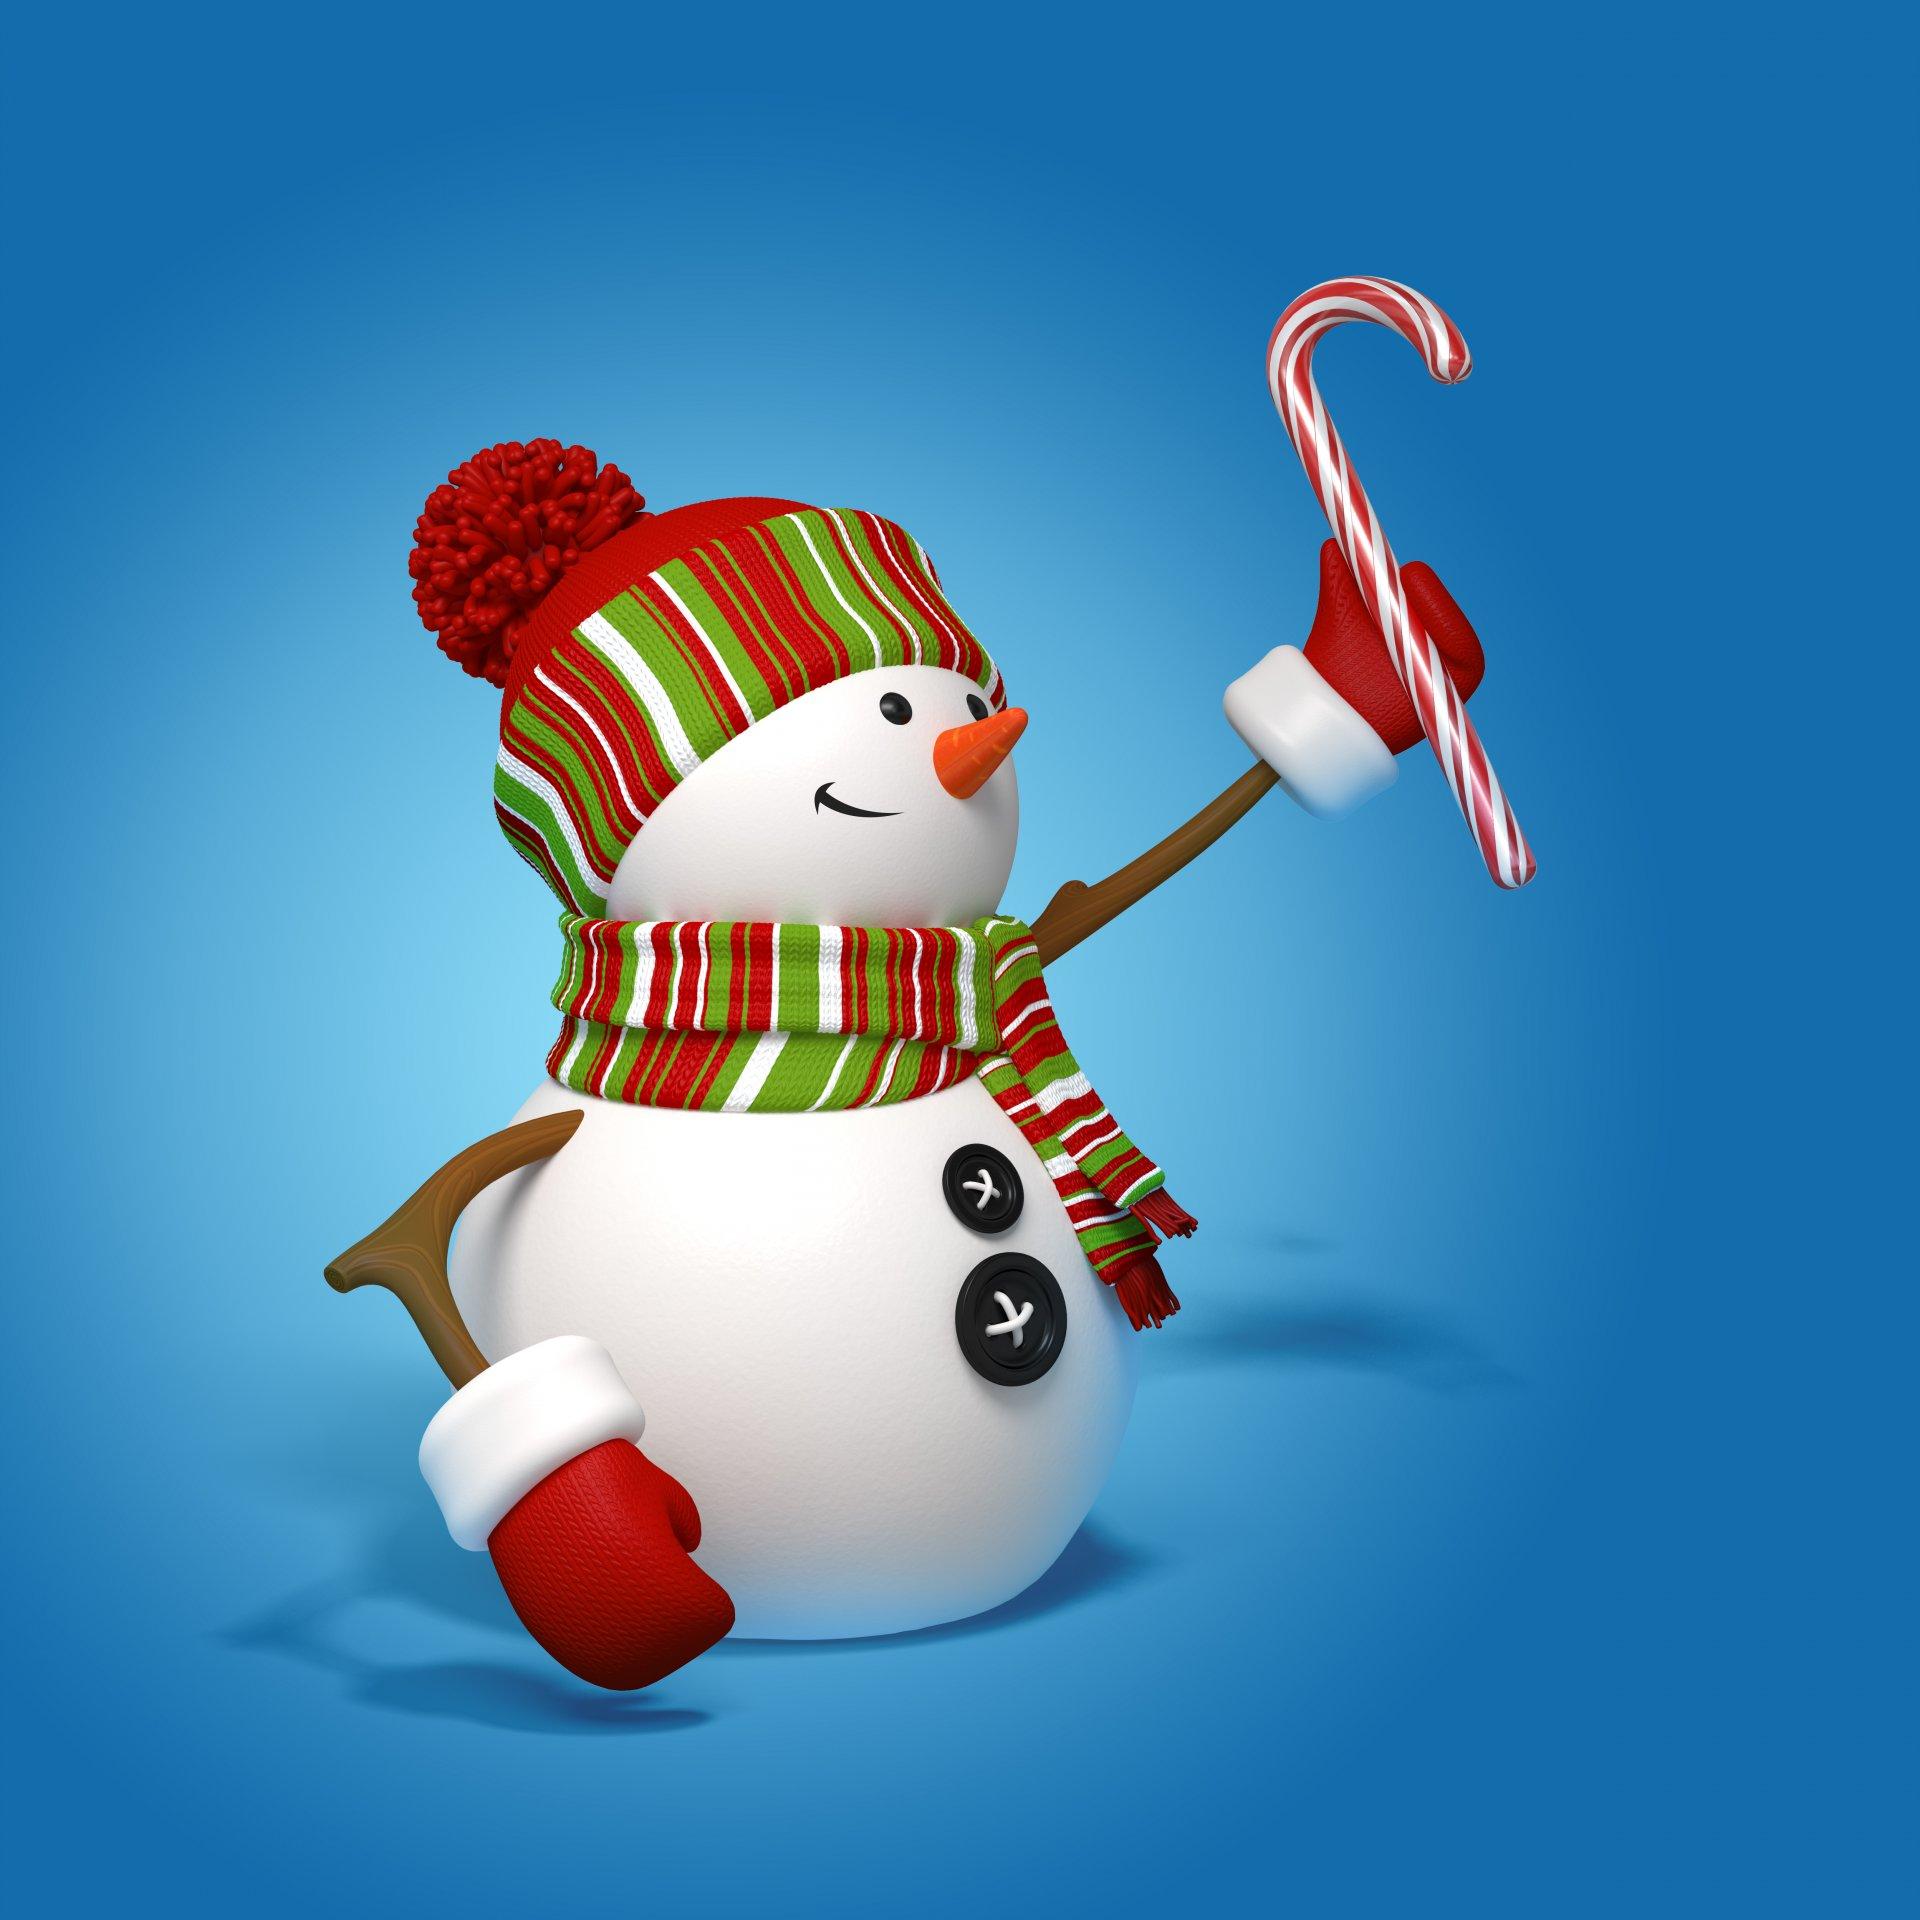 Картинки снеговики, картинка